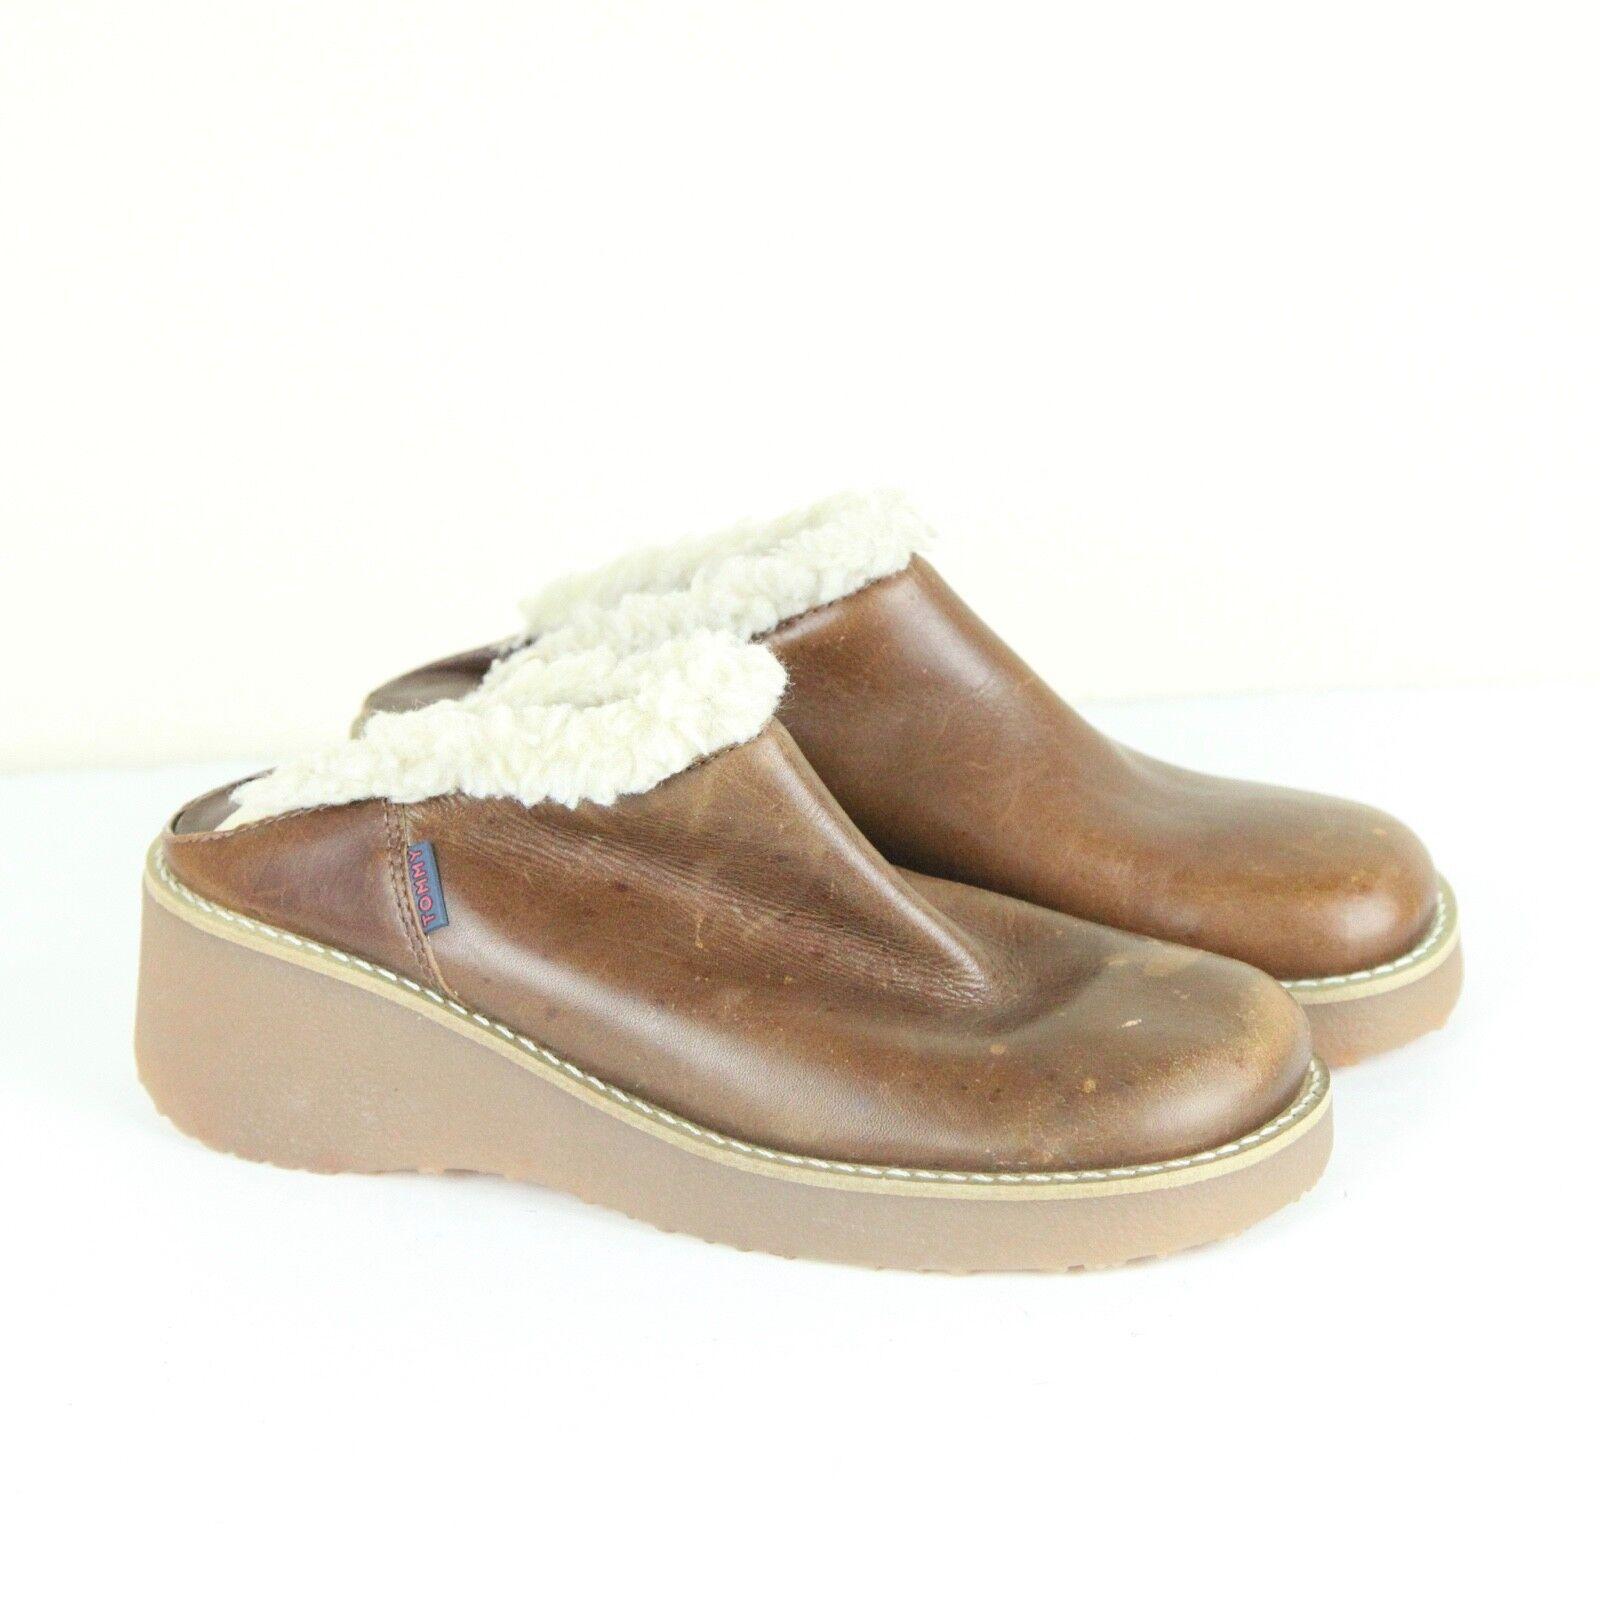 Vintage 90s Tommy Hilfiger Leather Clogs Wedges M… - image 1